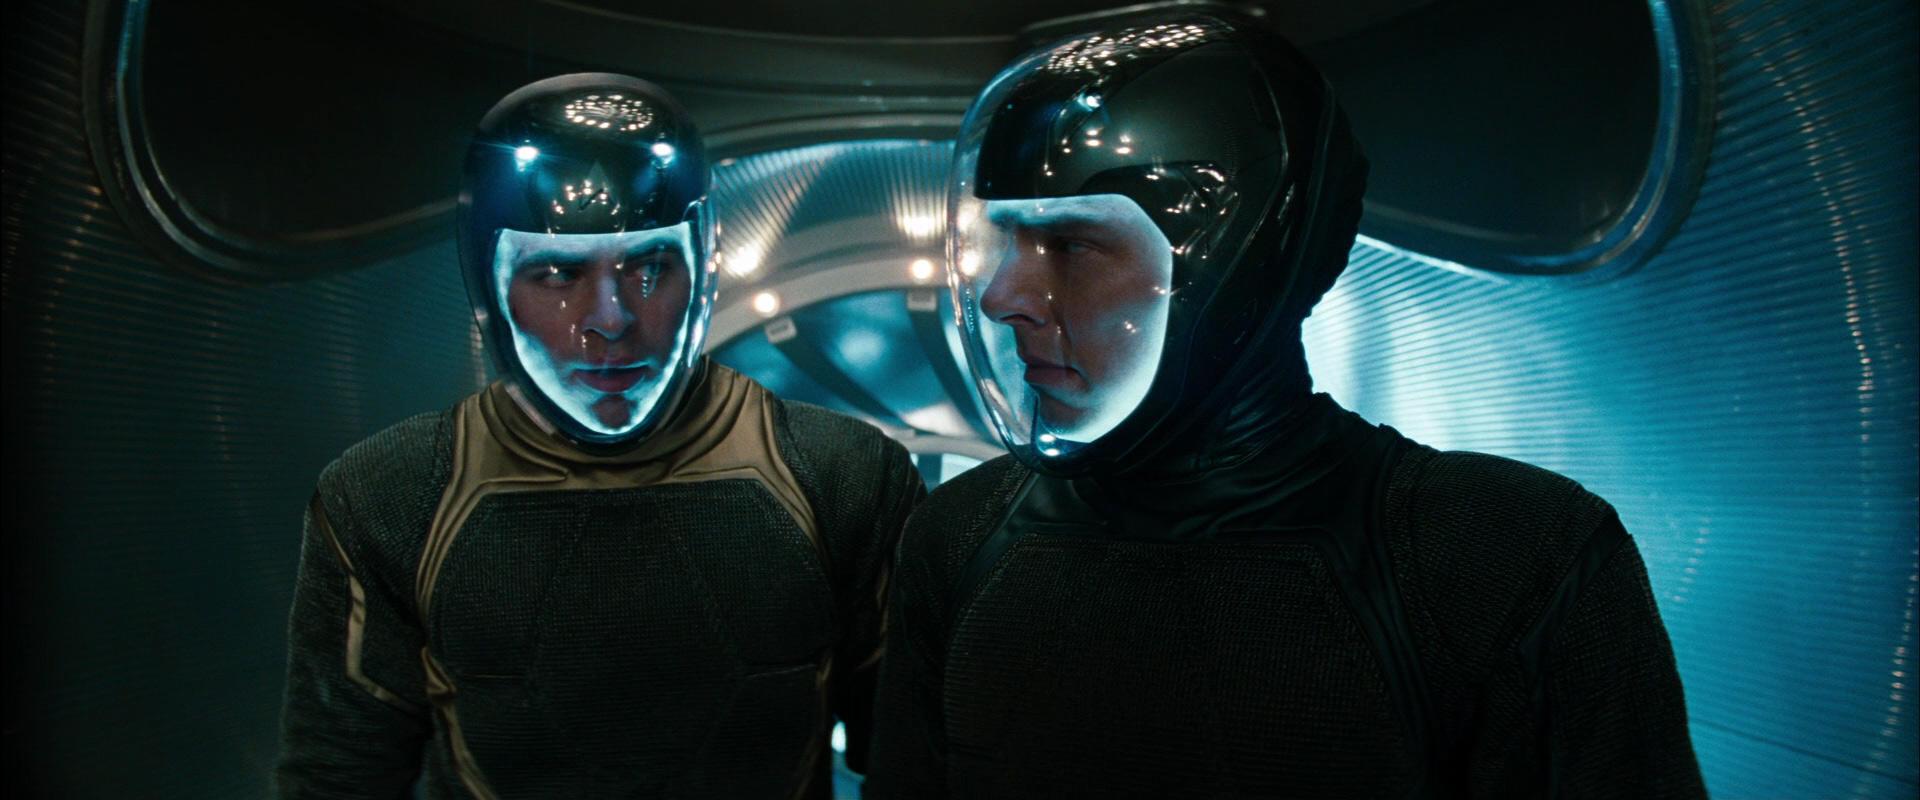 Into Darkness Star Trek Star Trek Into Darkness è un film di fantascienza del 2013 diretto da J J Abrams Seguito del film del 2009 che costituiva il reboot